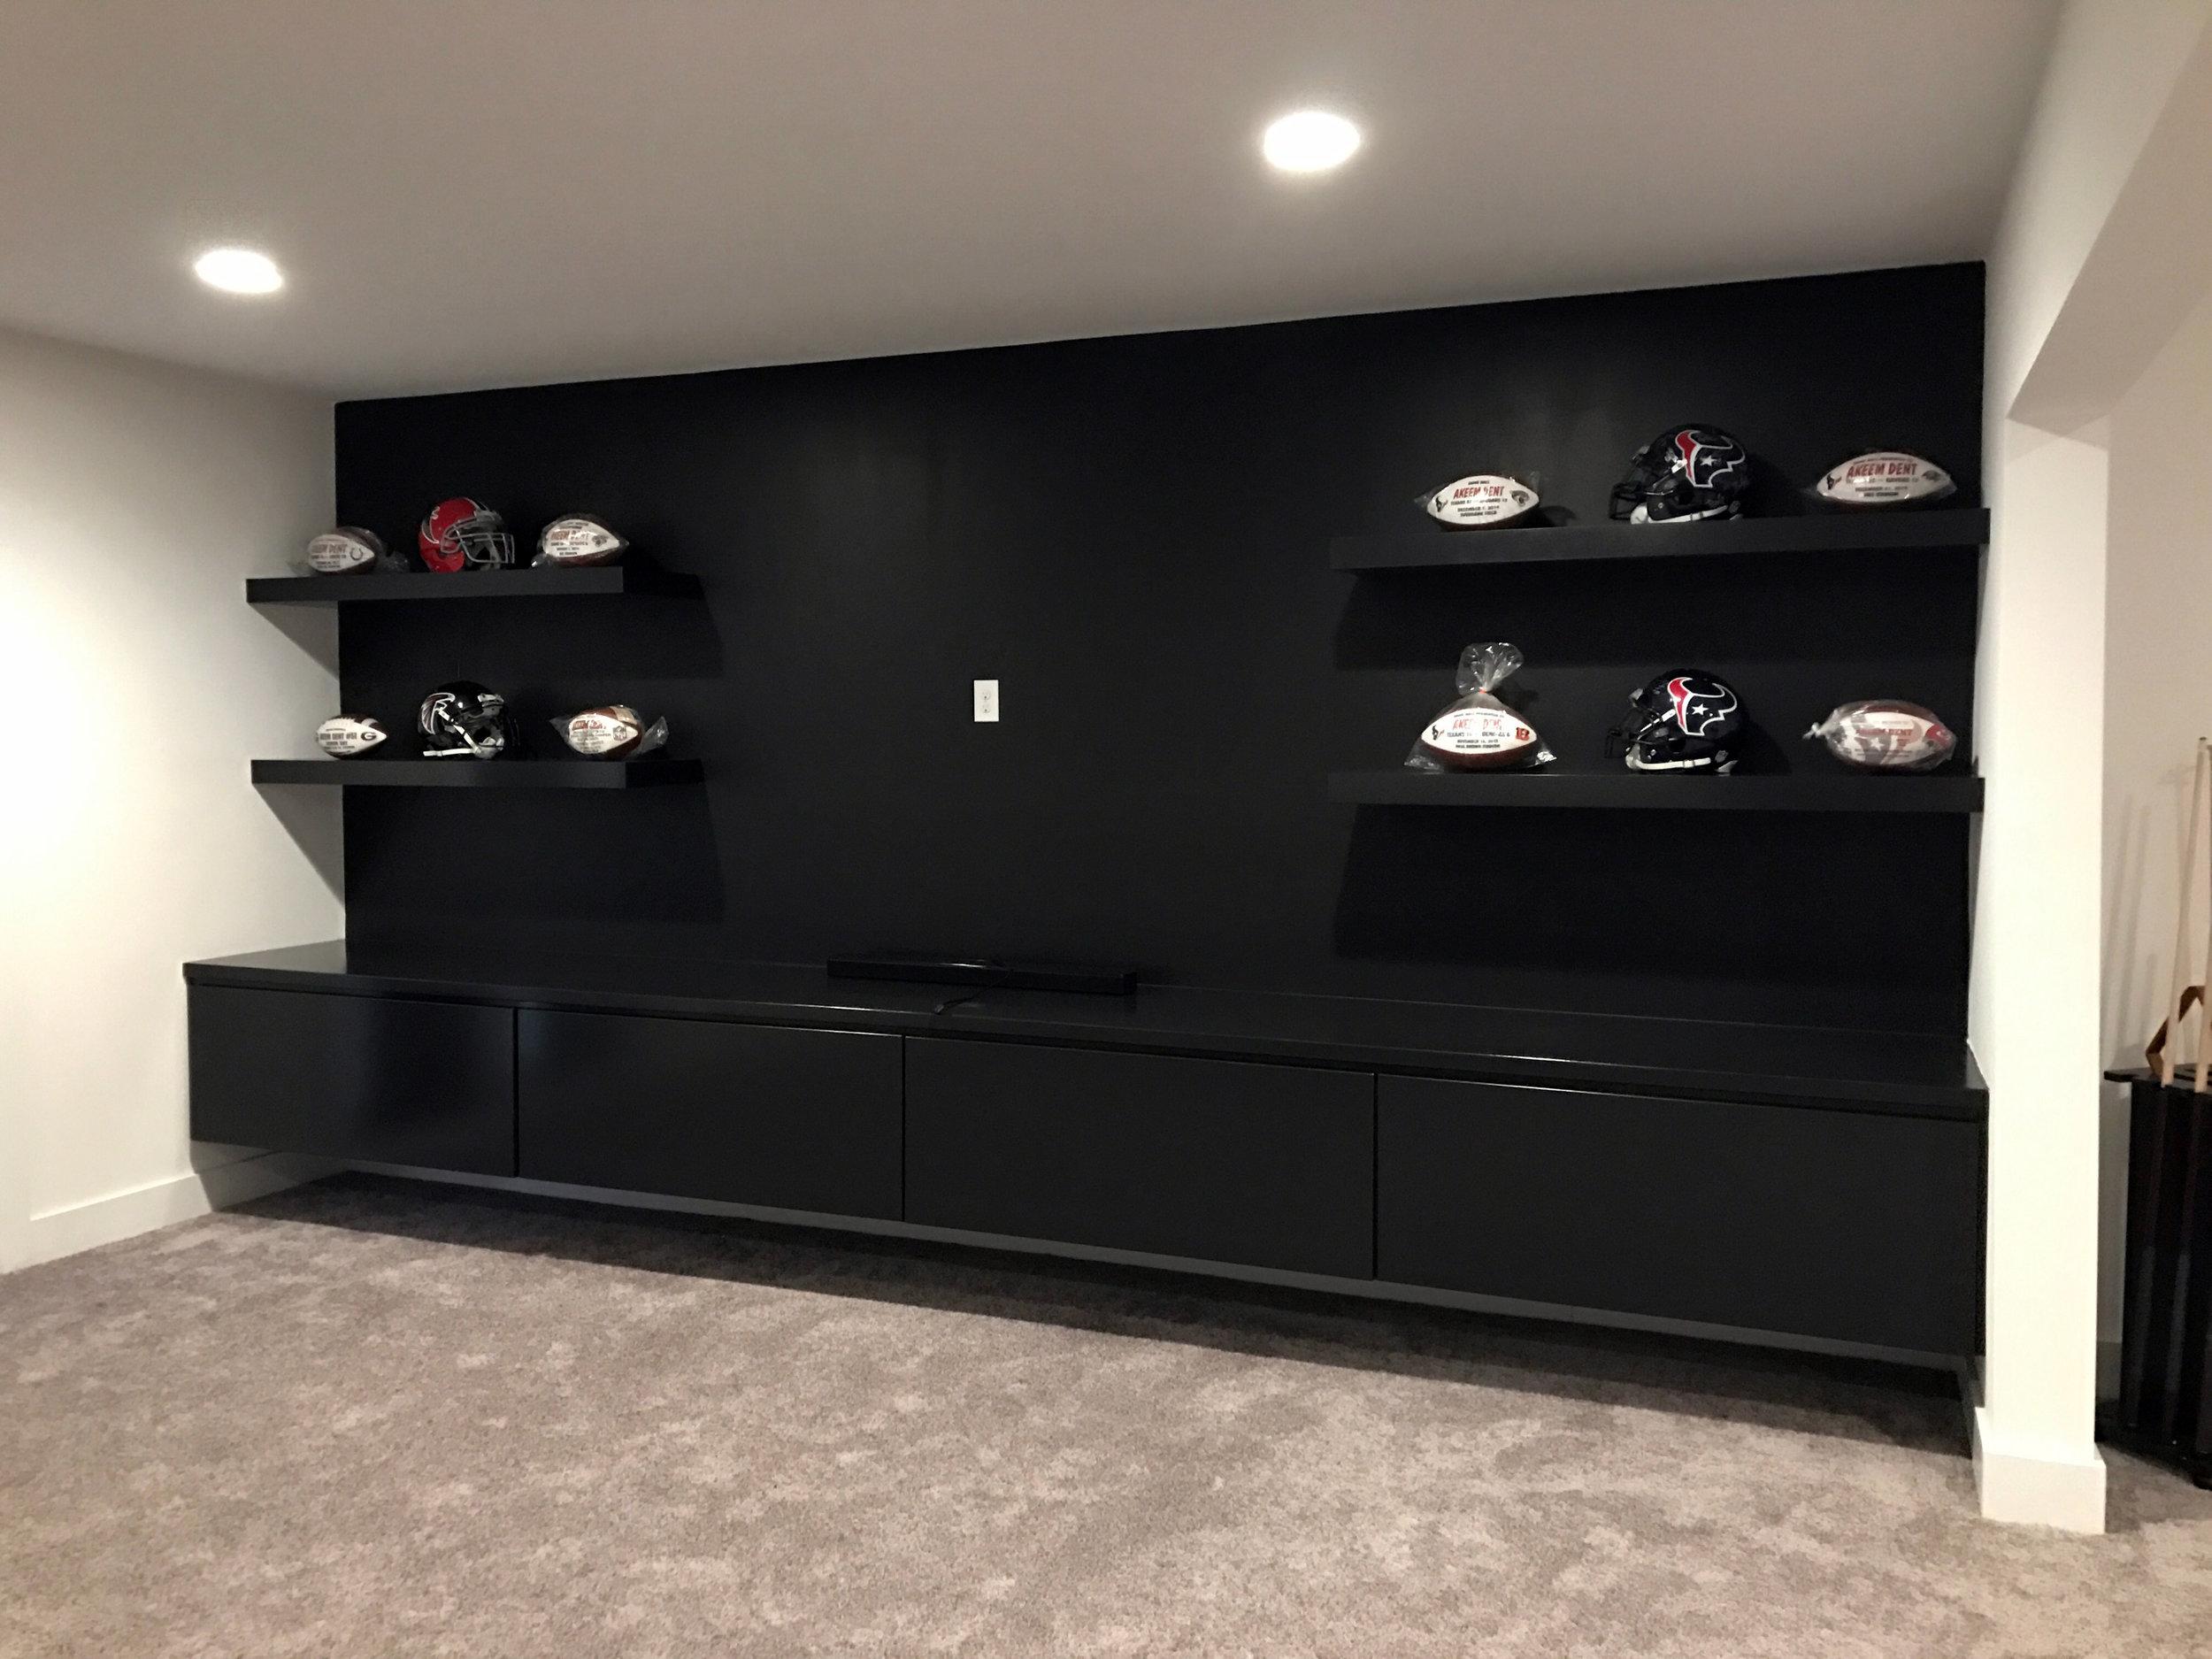 Floating Shelves & Cabinets - After